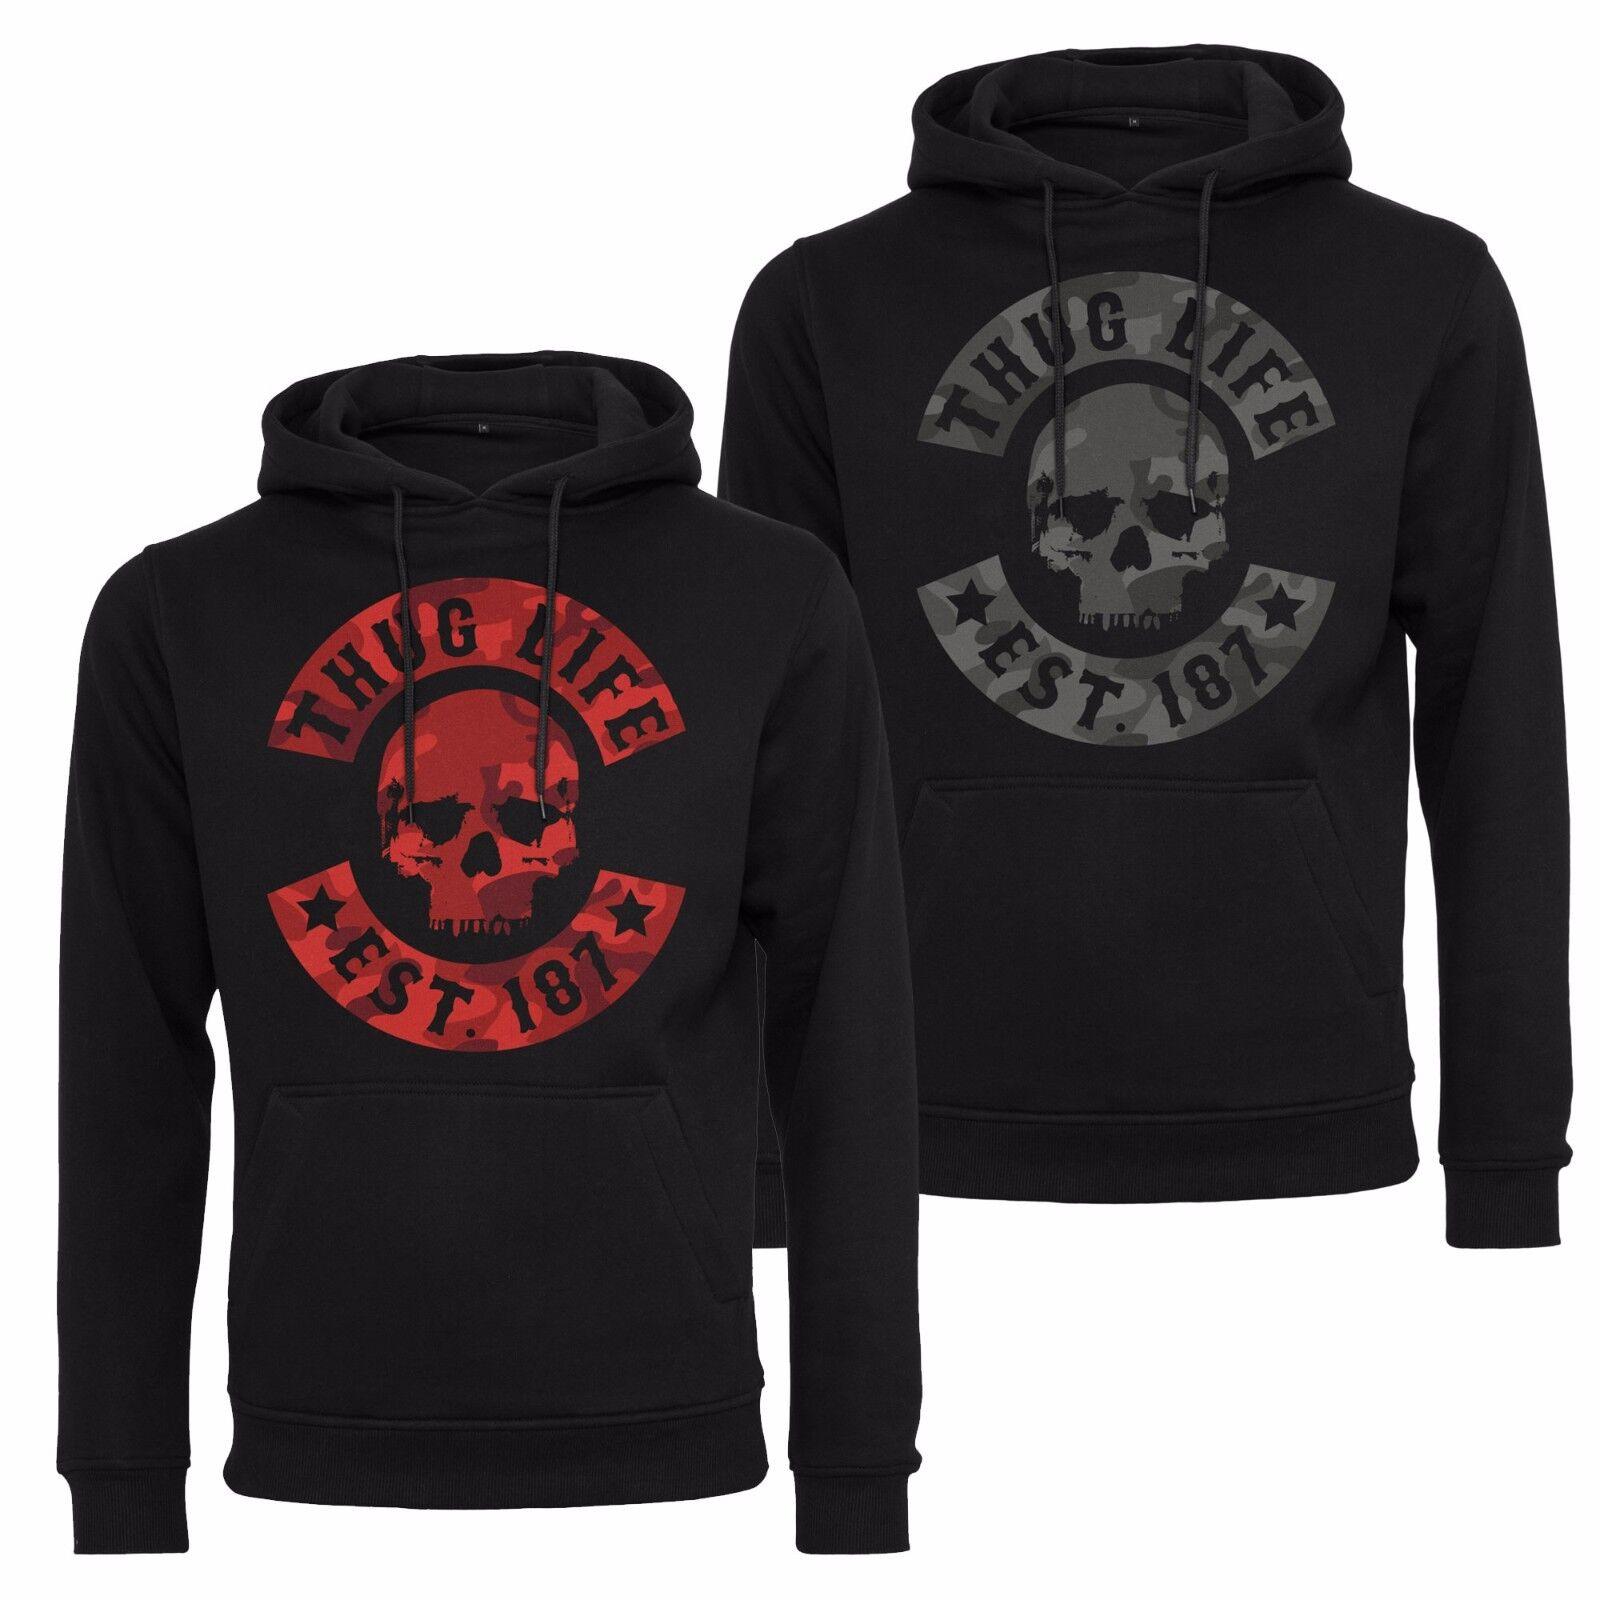 Thug Life Skull Camo Hooded Sweatshirt Jumper Hoodie S-XXL Tl004